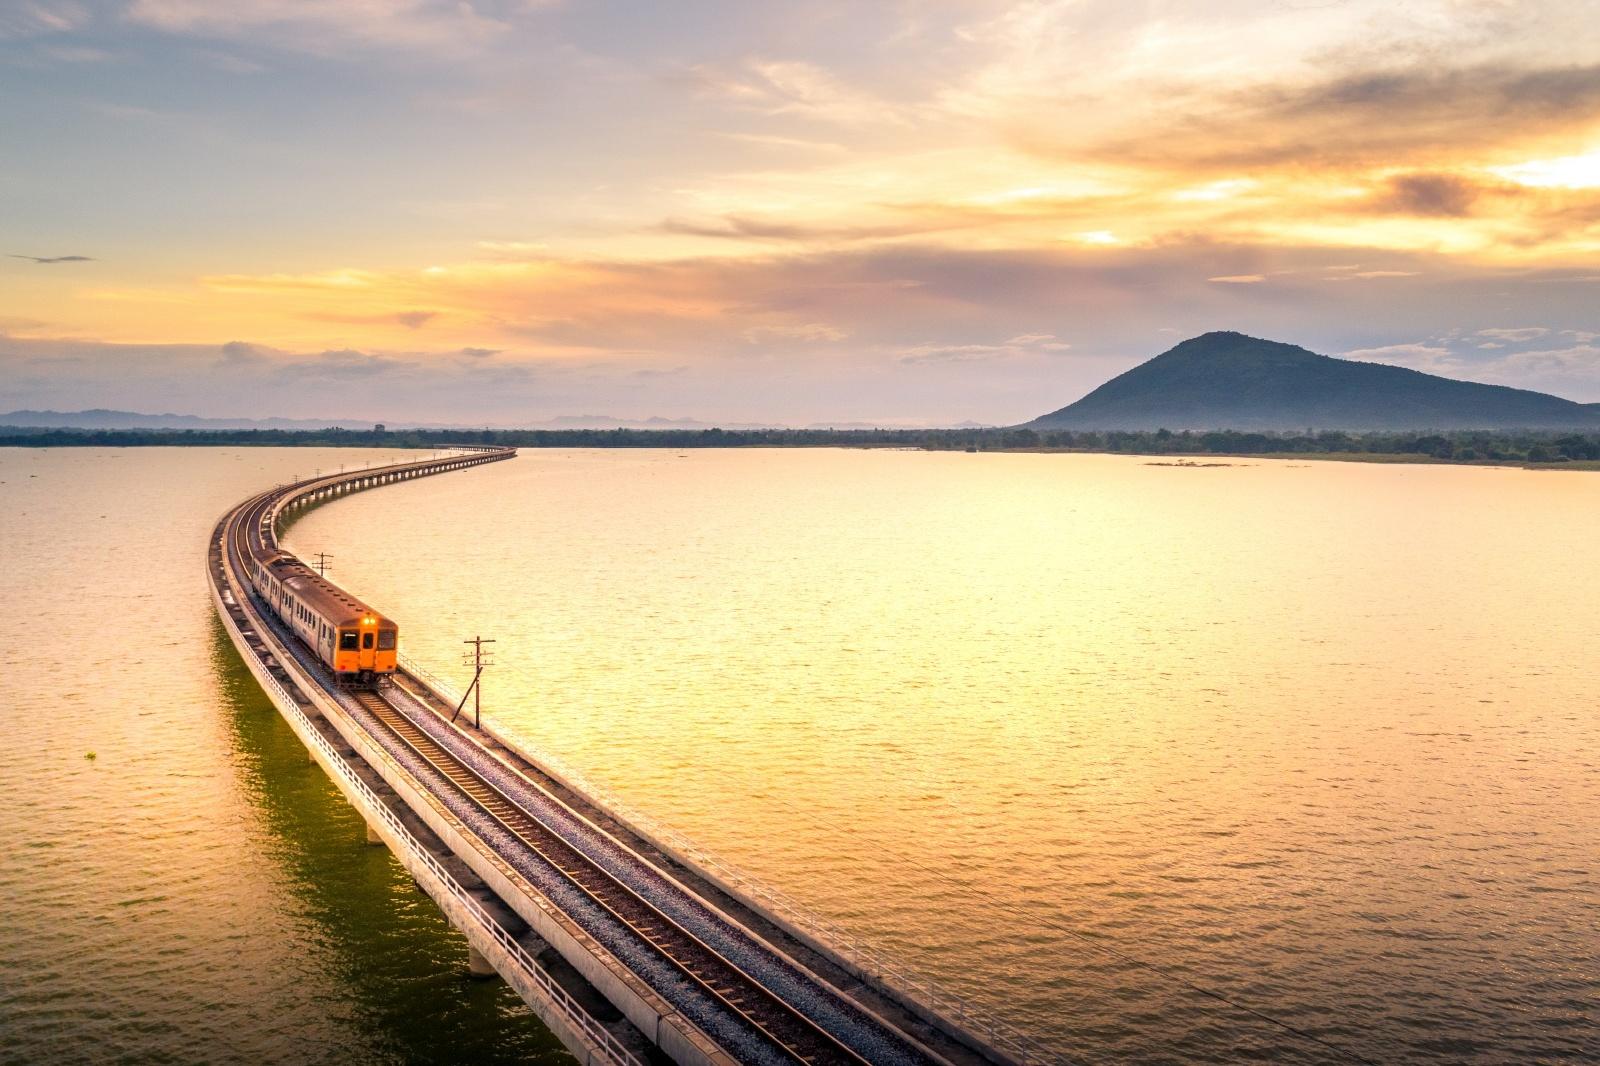 夕暮れの湖を走る列車 タイの鉄道風景